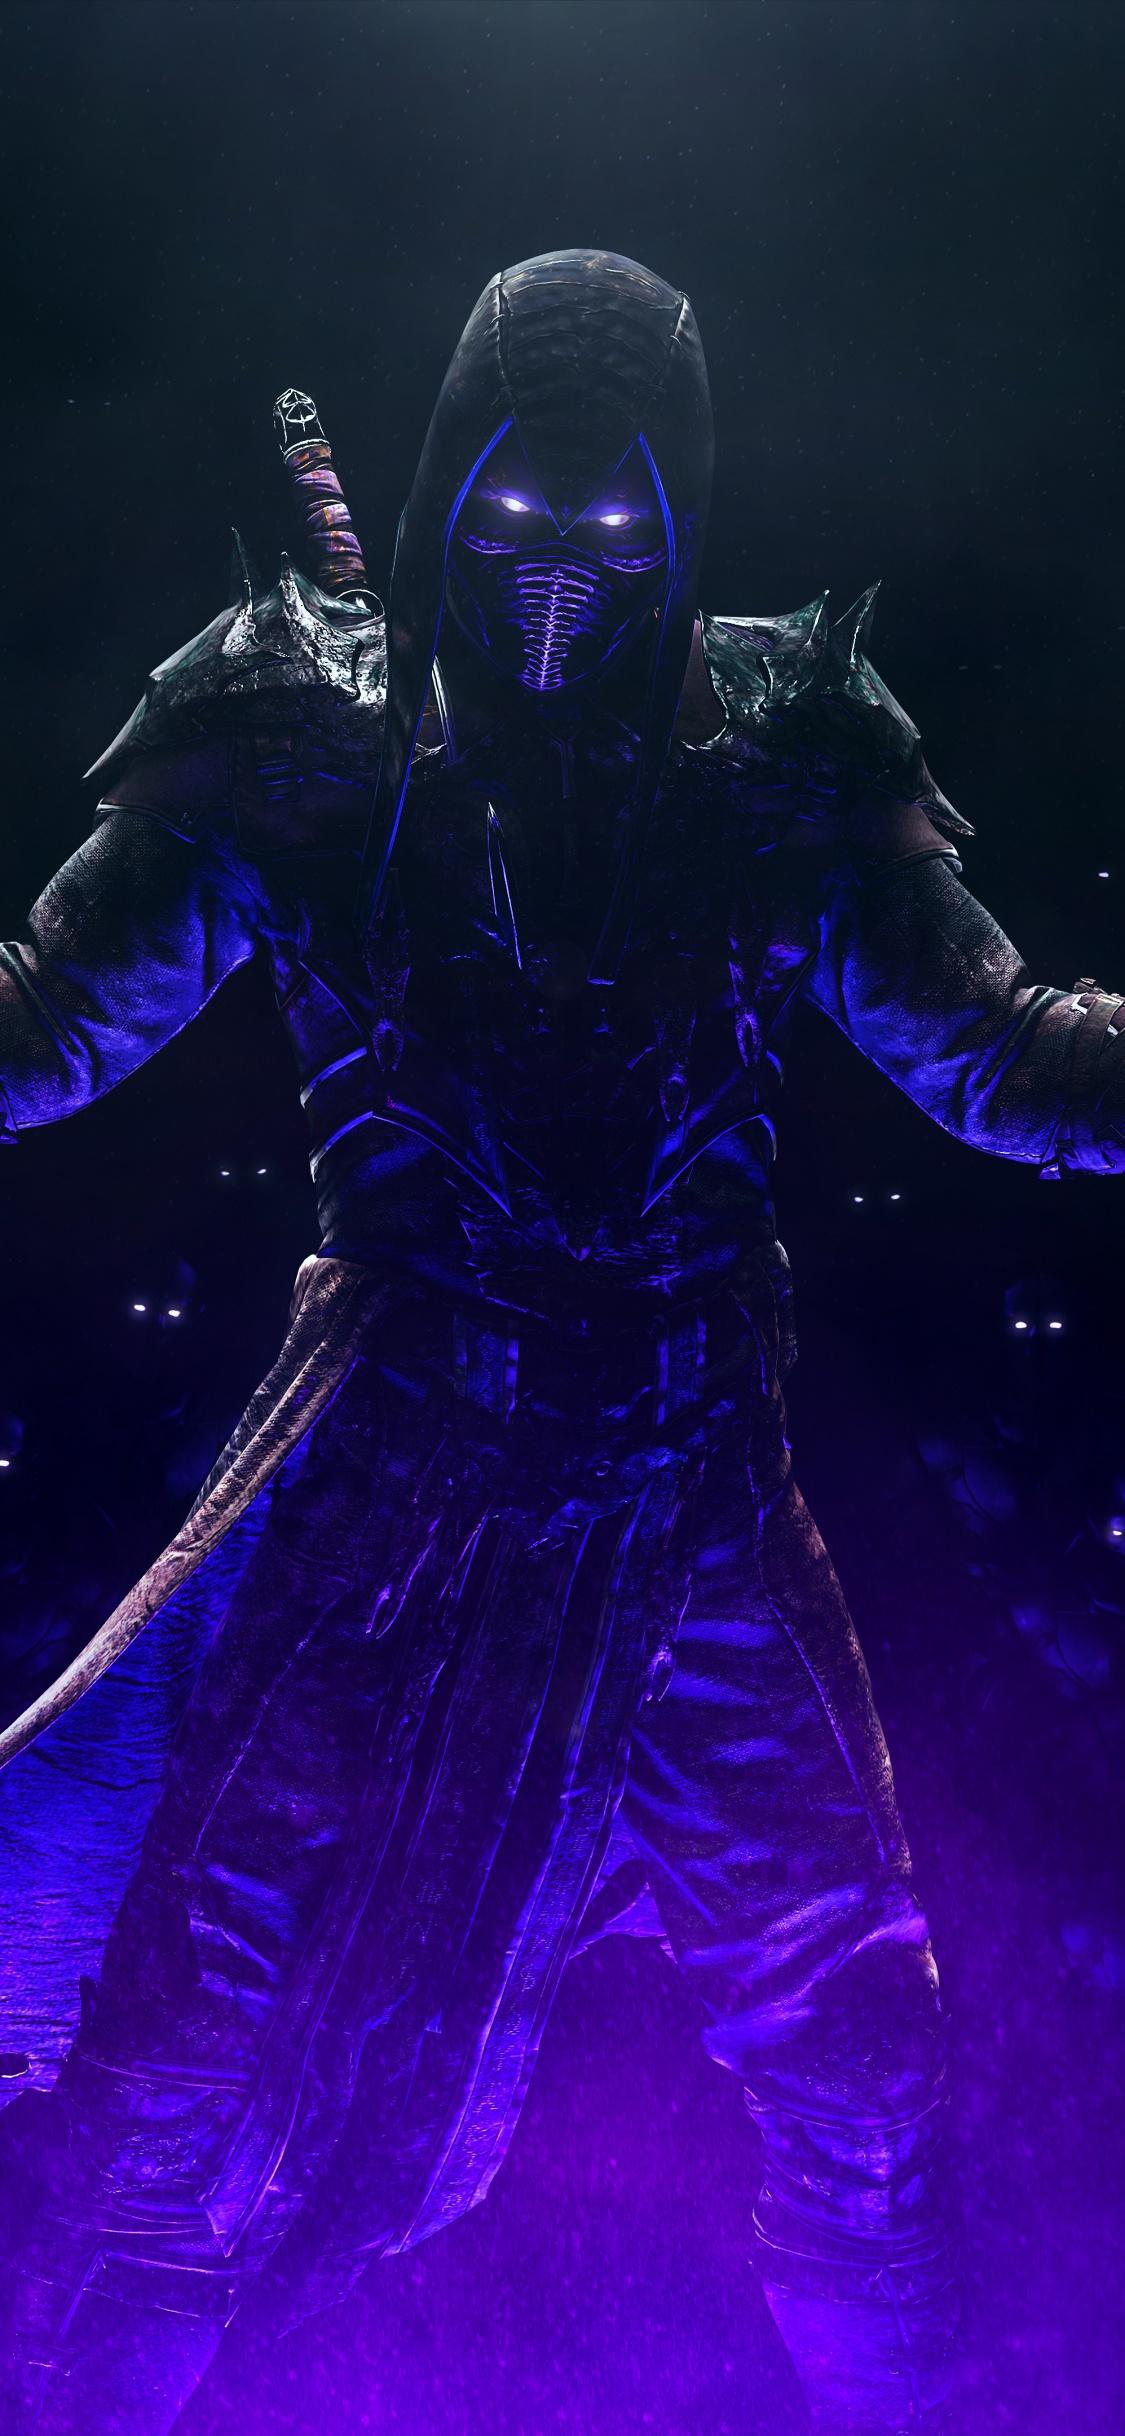 Noob Saibot 4K Wallpaper, Night King, Mortal Kombat, Dark ...